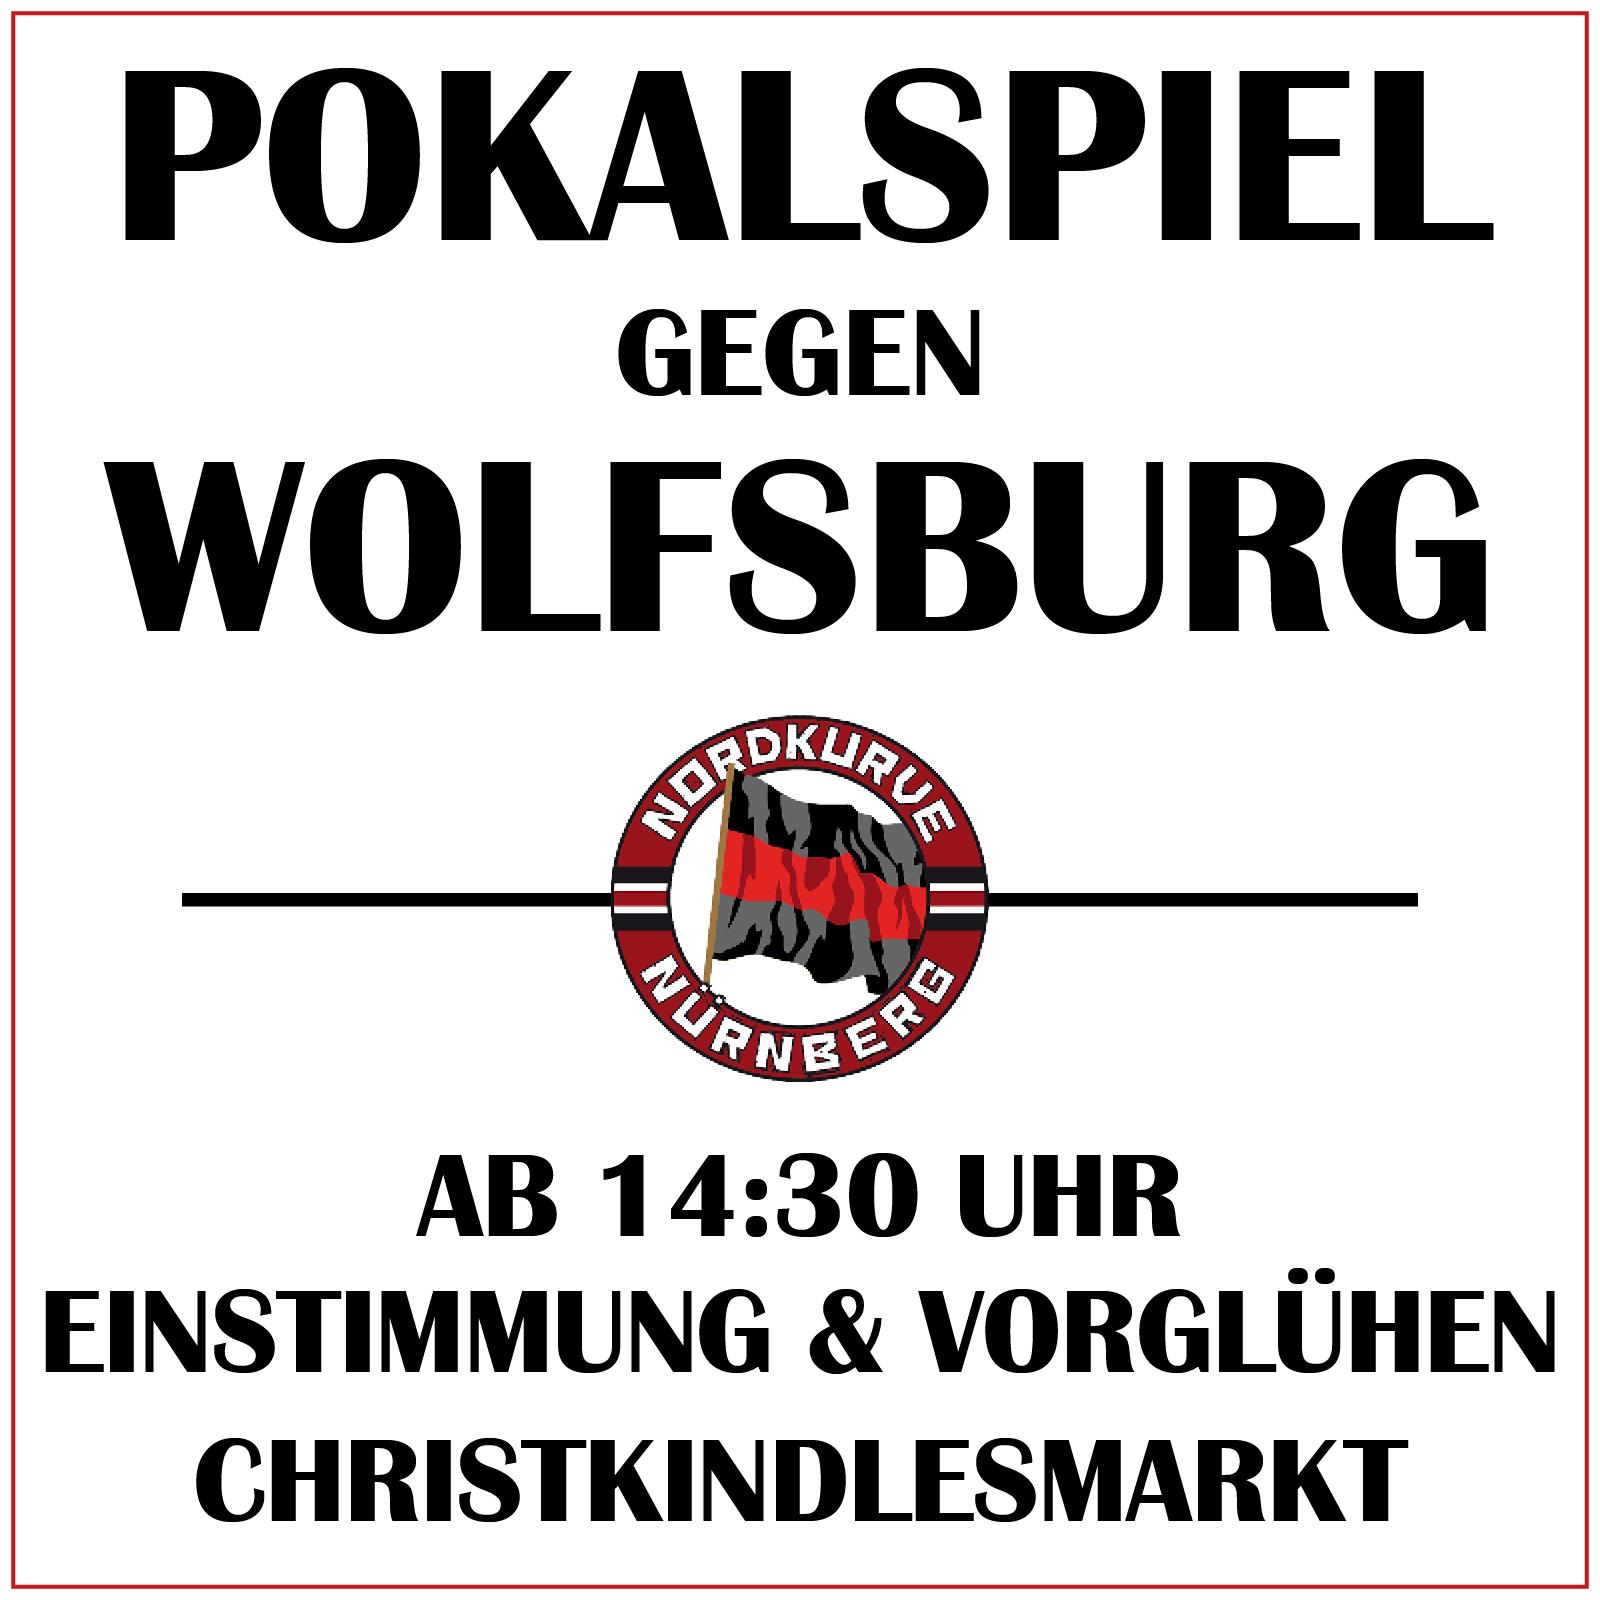 Pokalspiel Wolfsburg